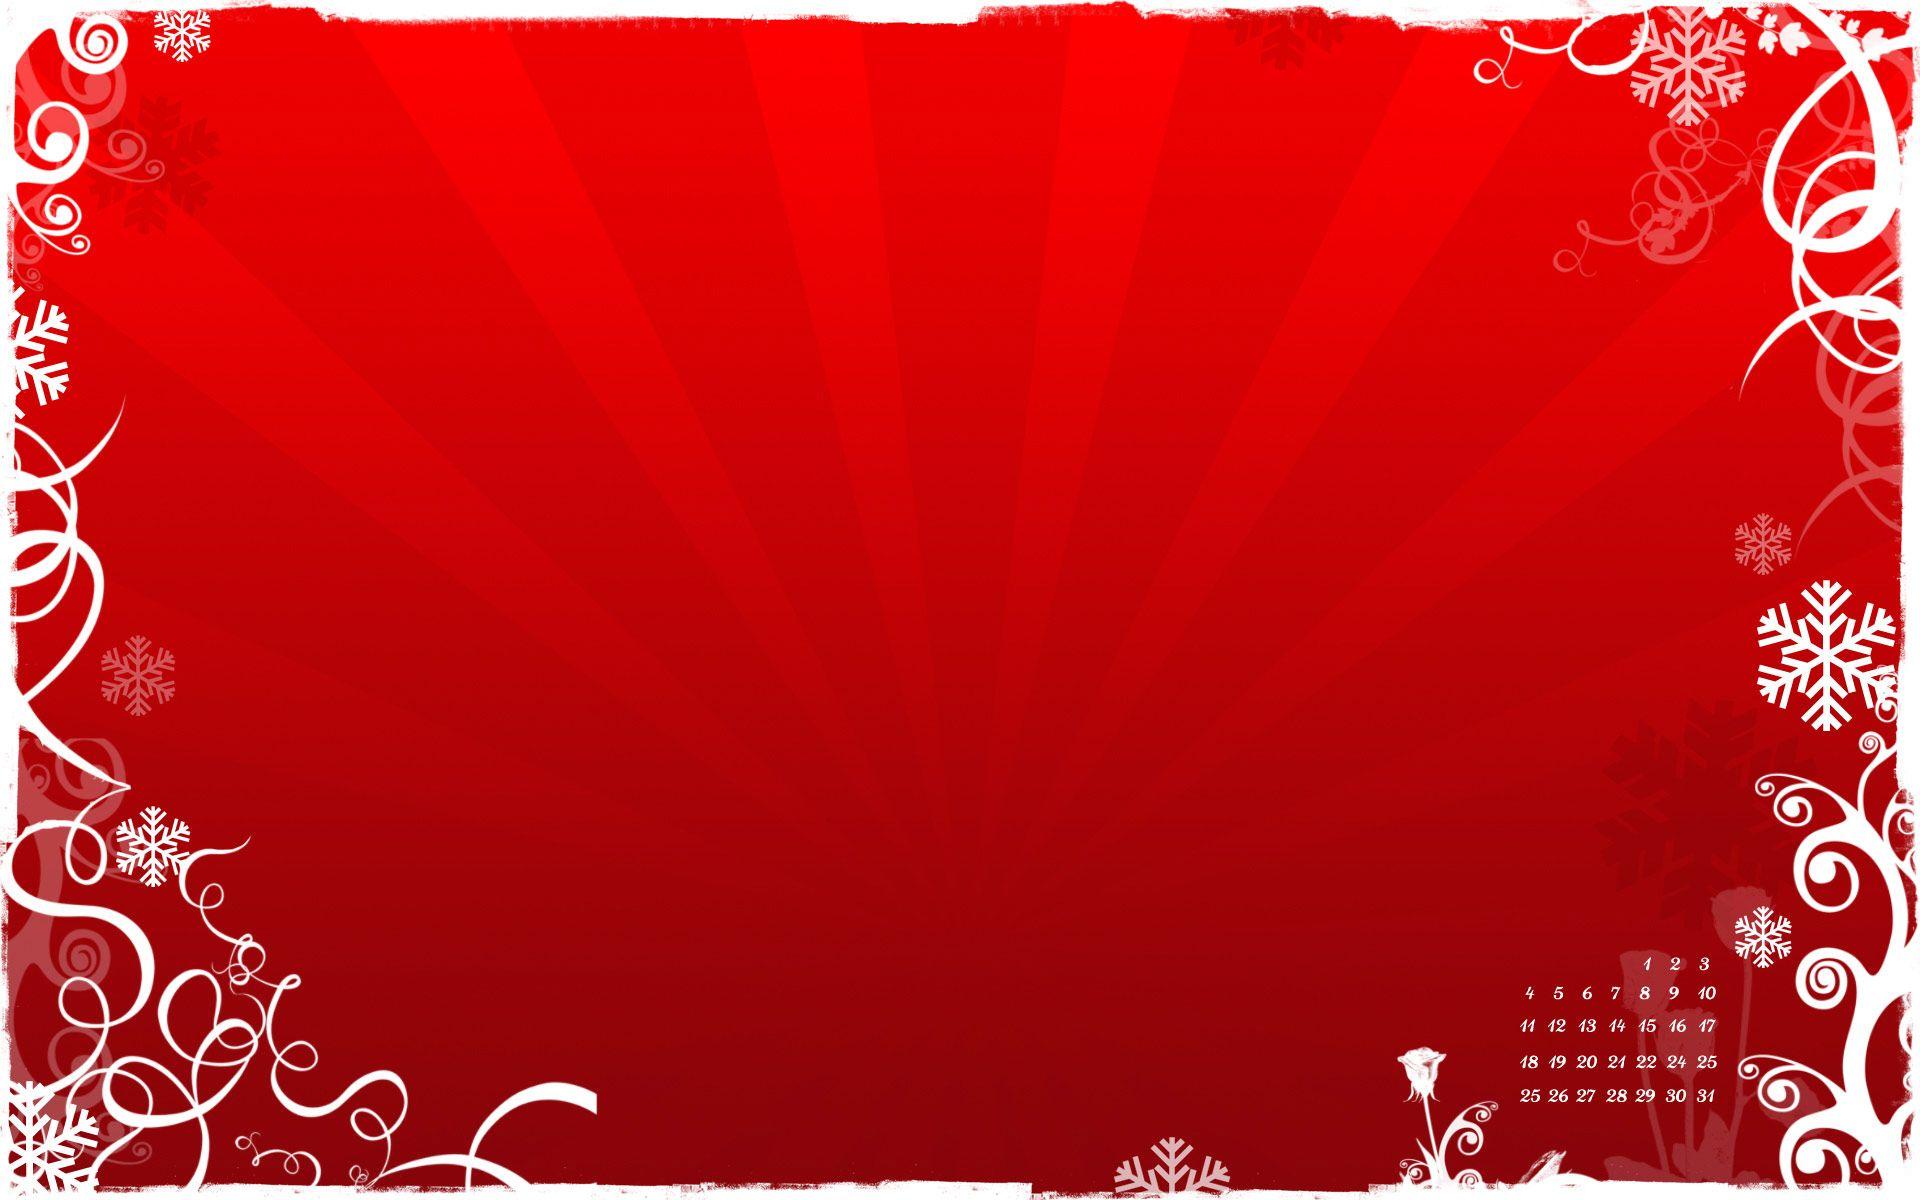 Fondos De Pantalla Navidenos Gratis: Fondos Navideños Gratis Para Fondo De Pantalla En Hd 1 HD